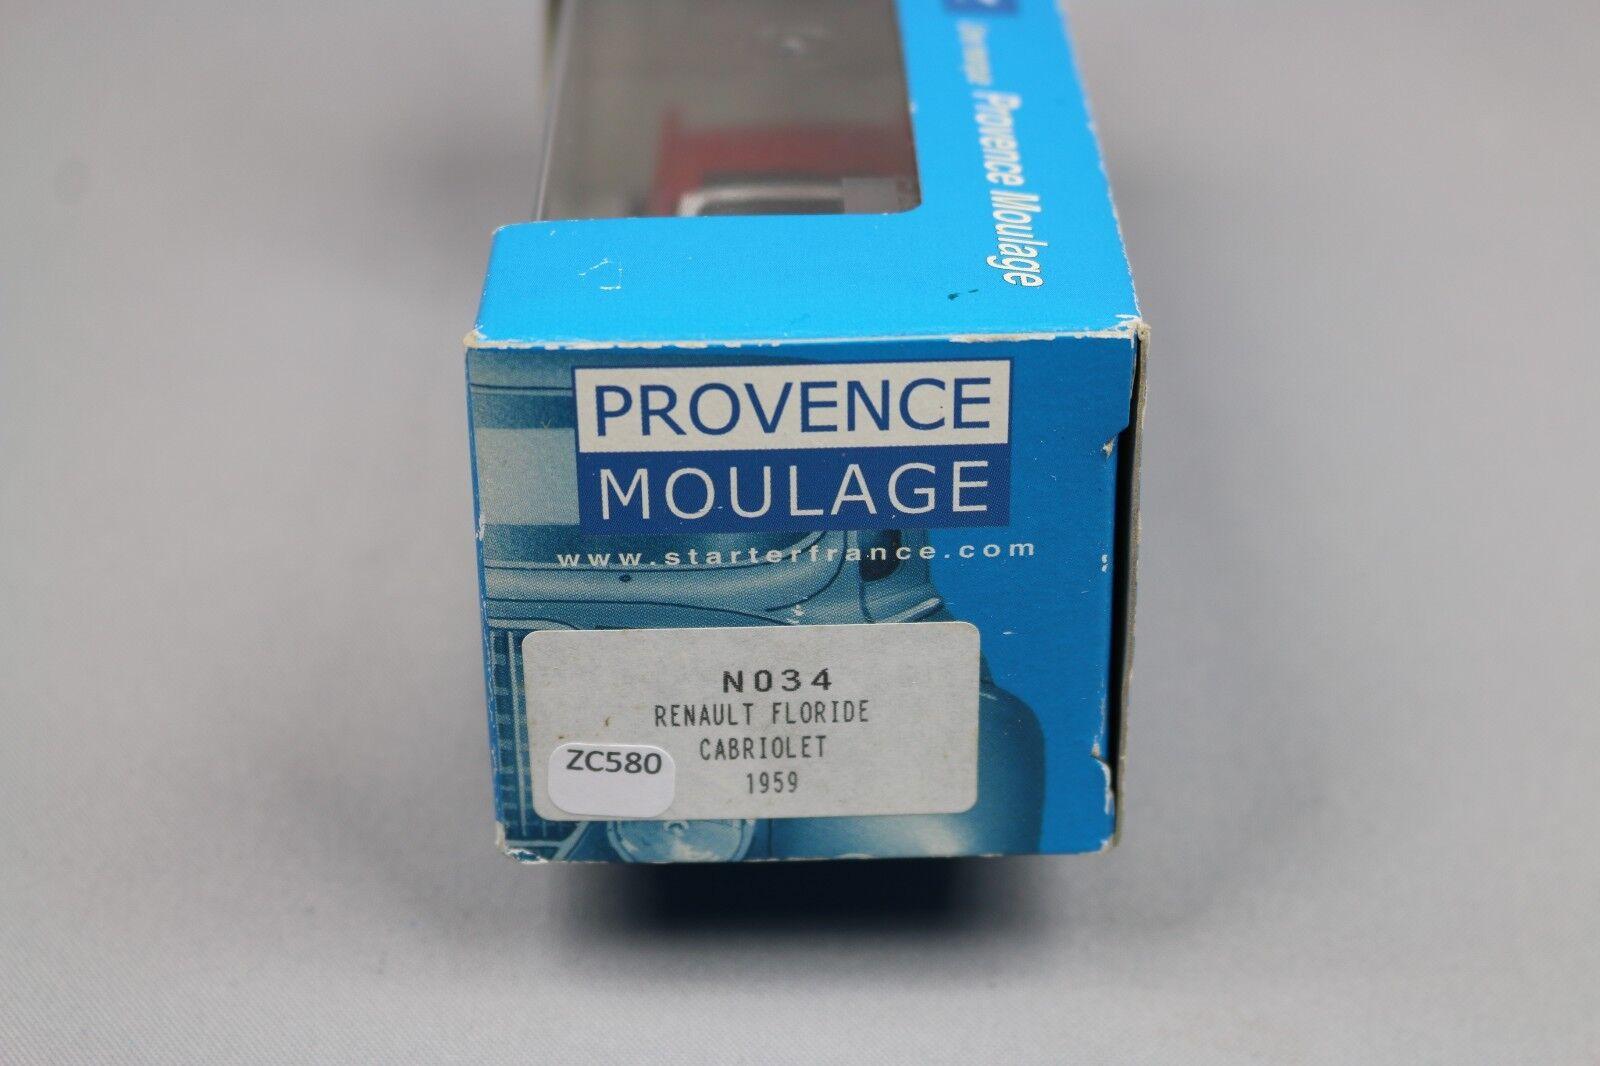 ZC580 Provence Moulage N034 Vehicule Miniature 1 43 Renault Floride Cabriolet